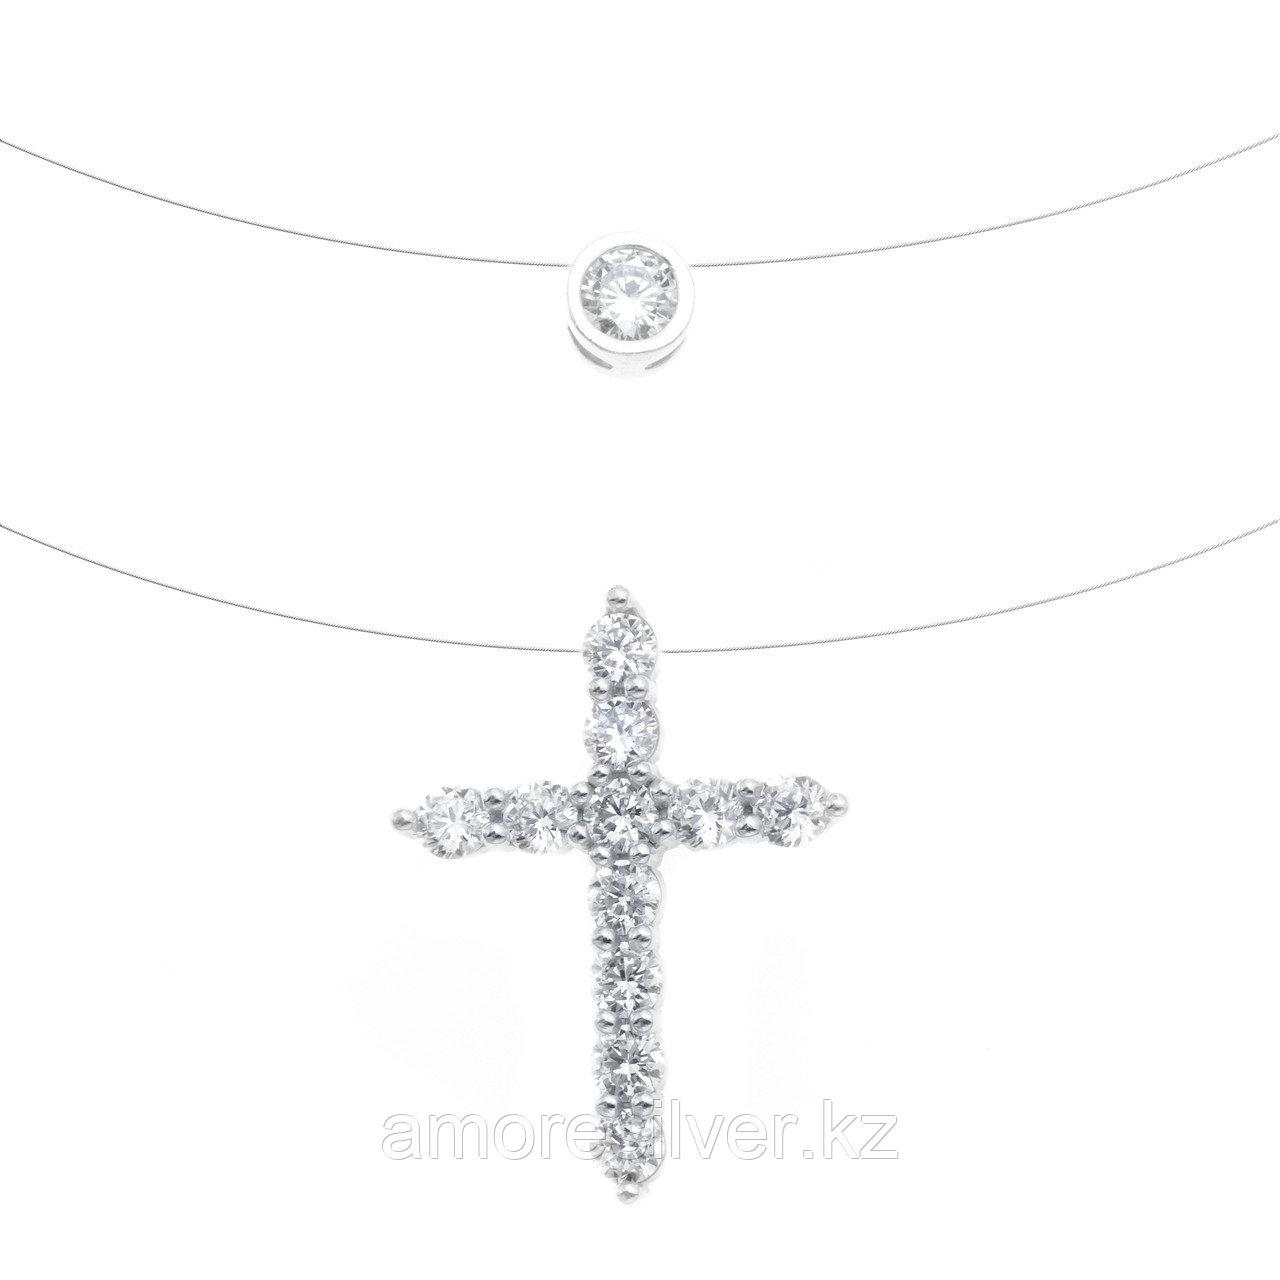 Колье TEOSA серебро с родием, фианит 0300372-10775